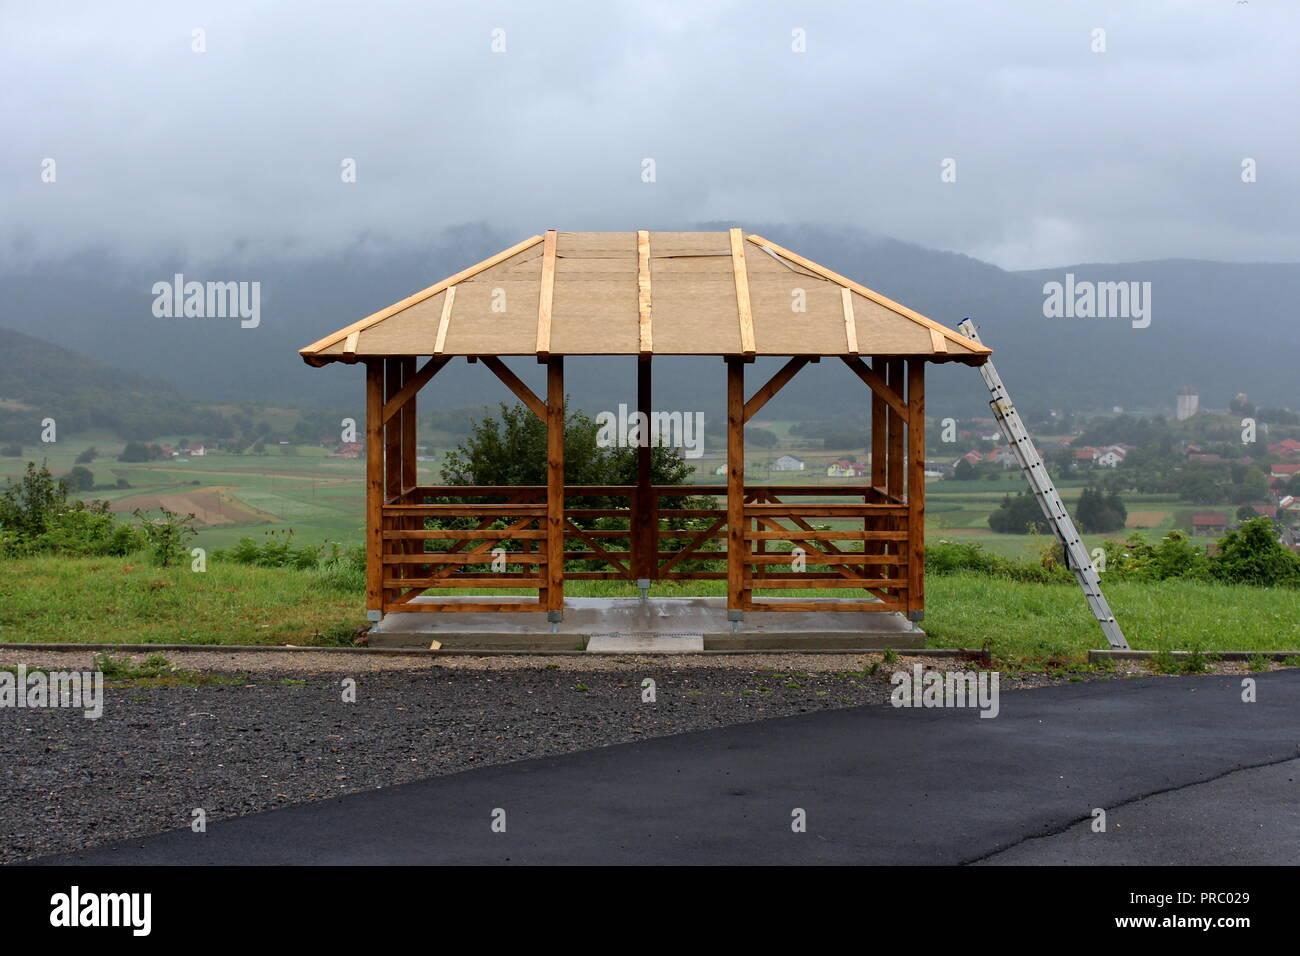 pavillon aus holz montiert auf betonfundament mit dach noch im bau und aluminium leitern neben